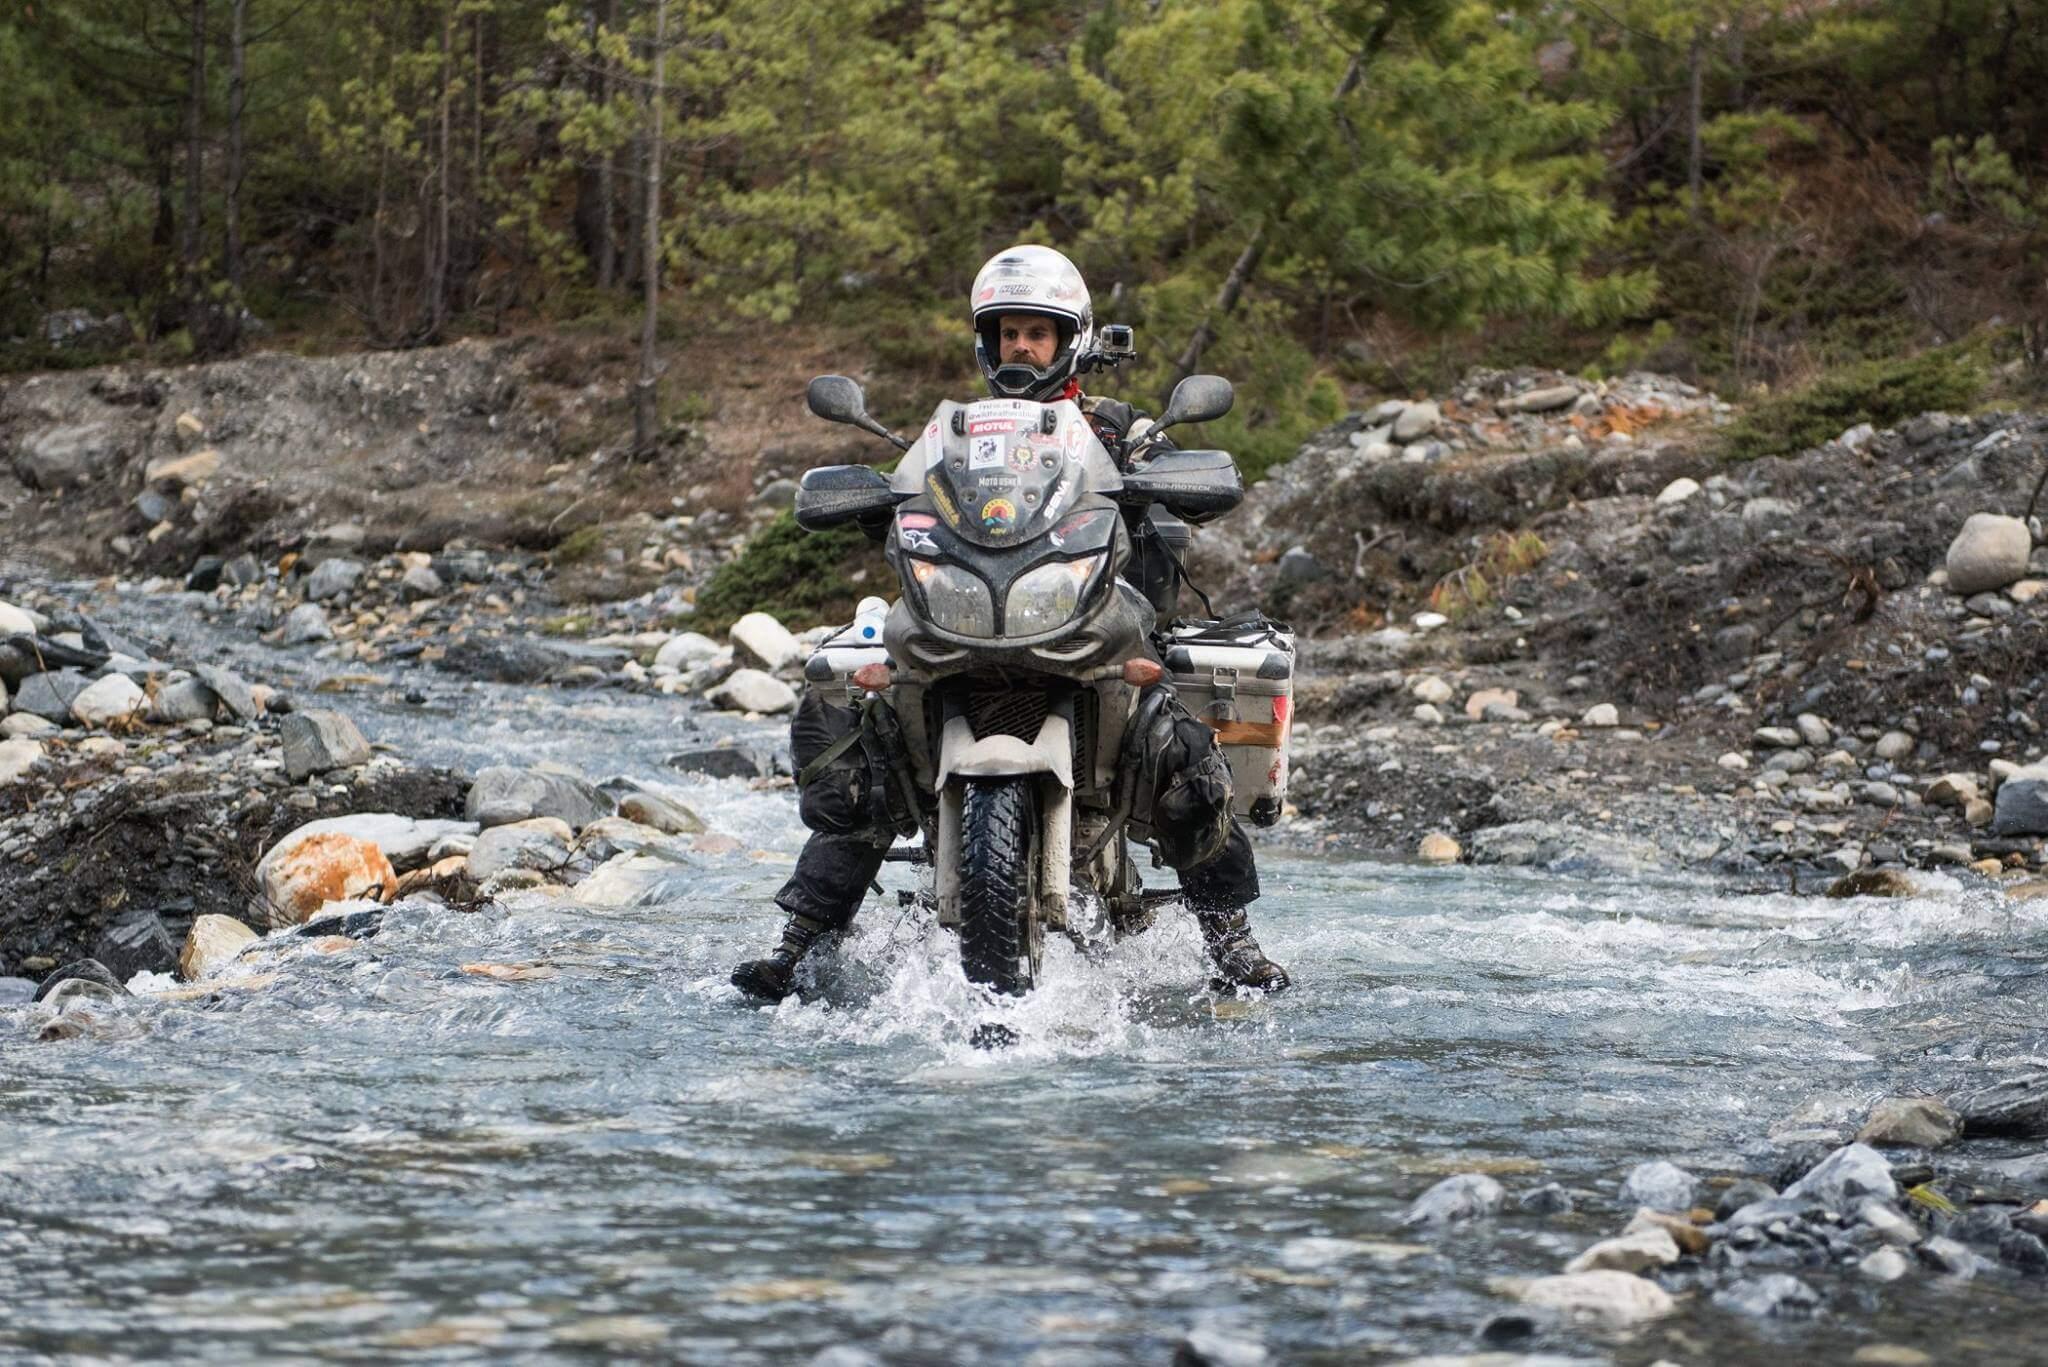 cruzando un rio - wildfeathers